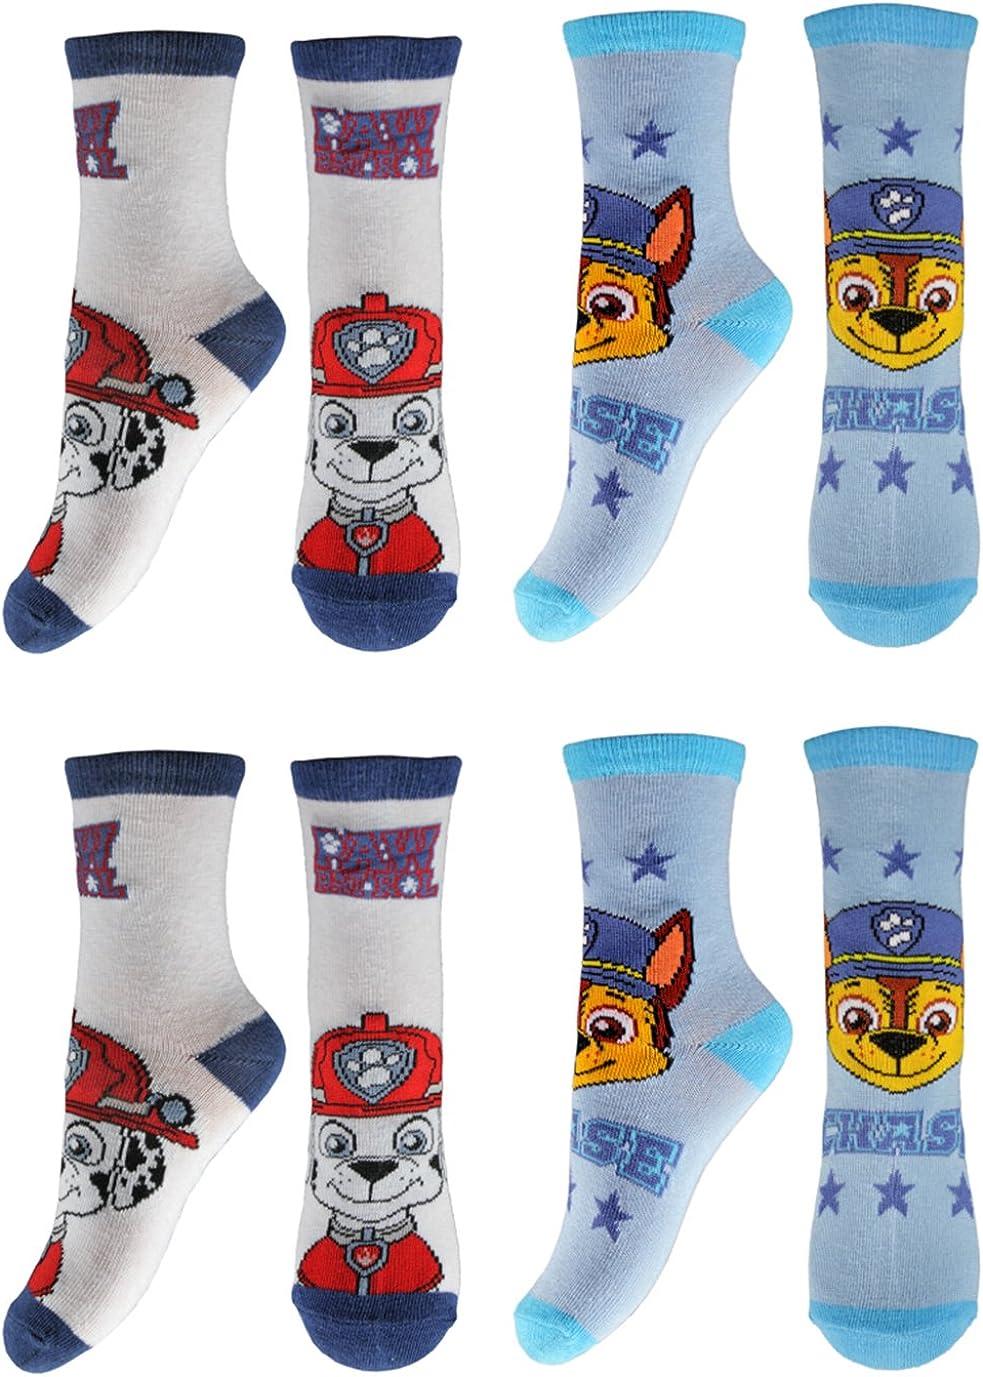 Pack of 4 Paw Patrol Socks